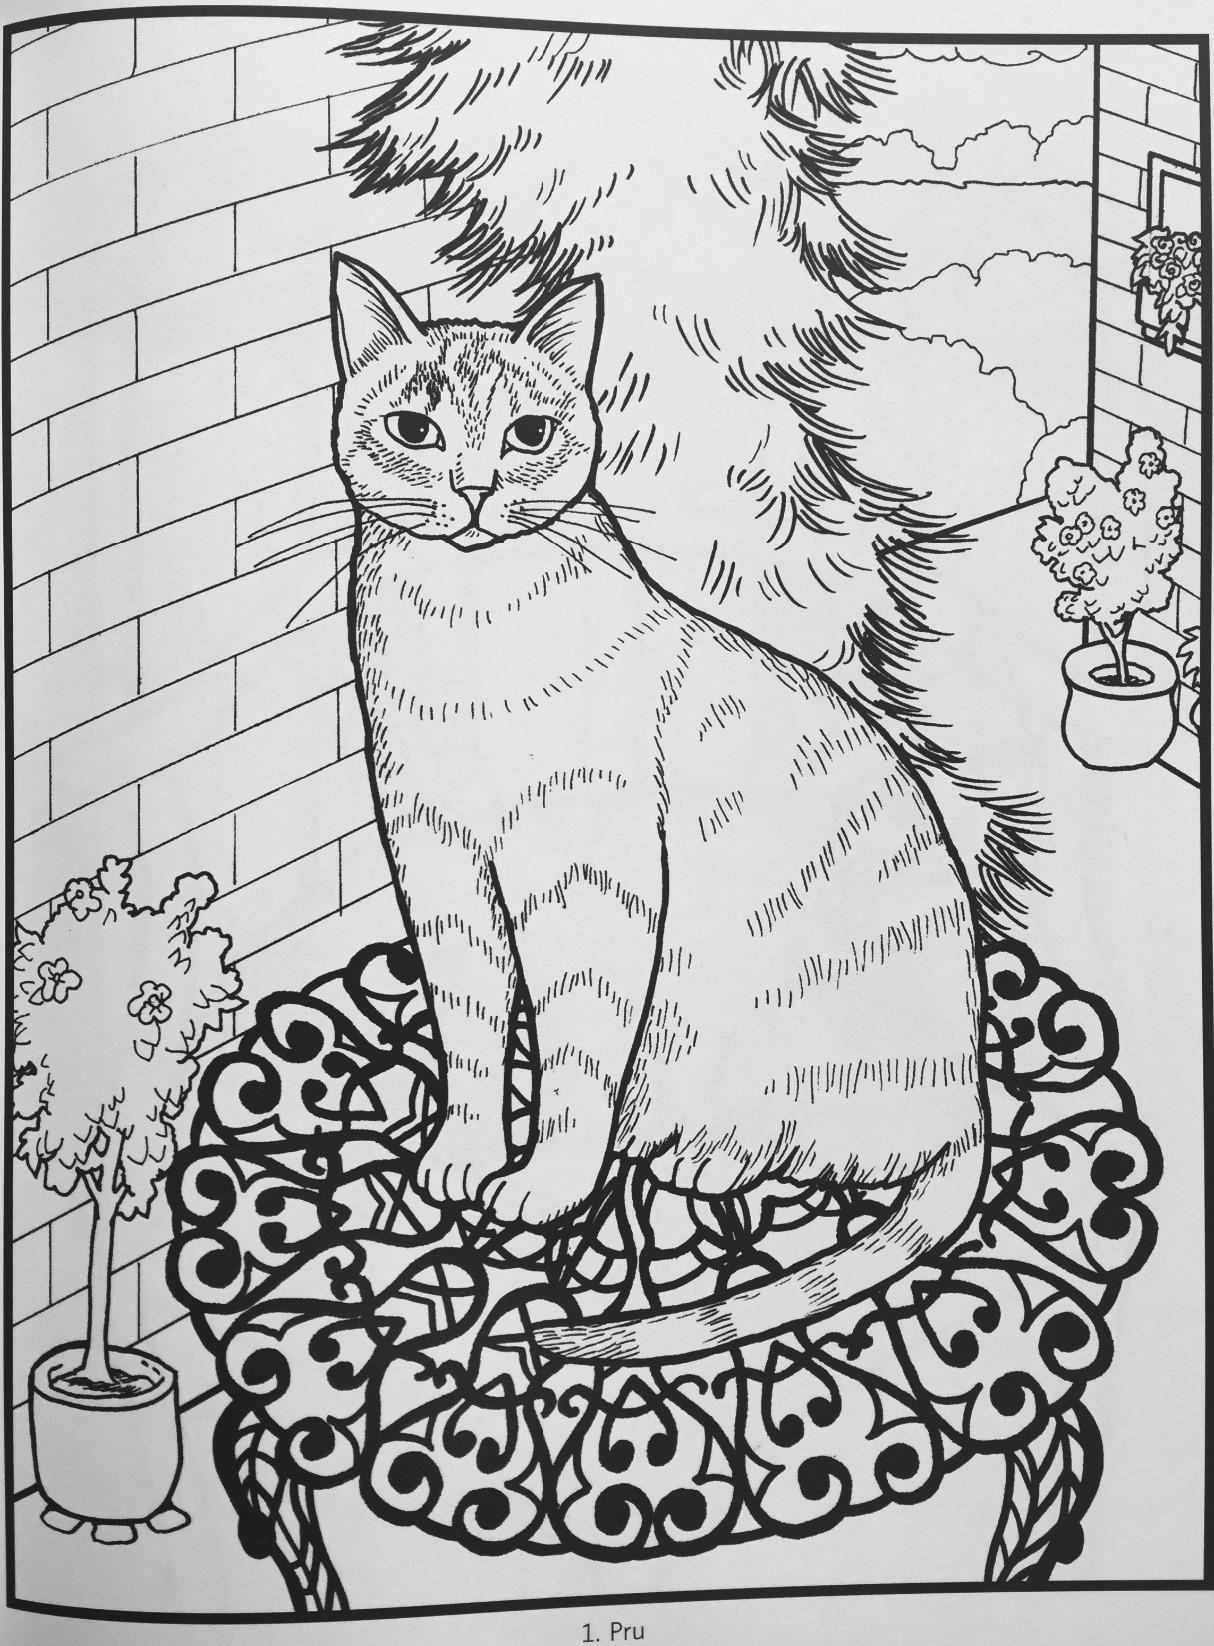 iiiireader's review of Mimi Vang Olsen Cats